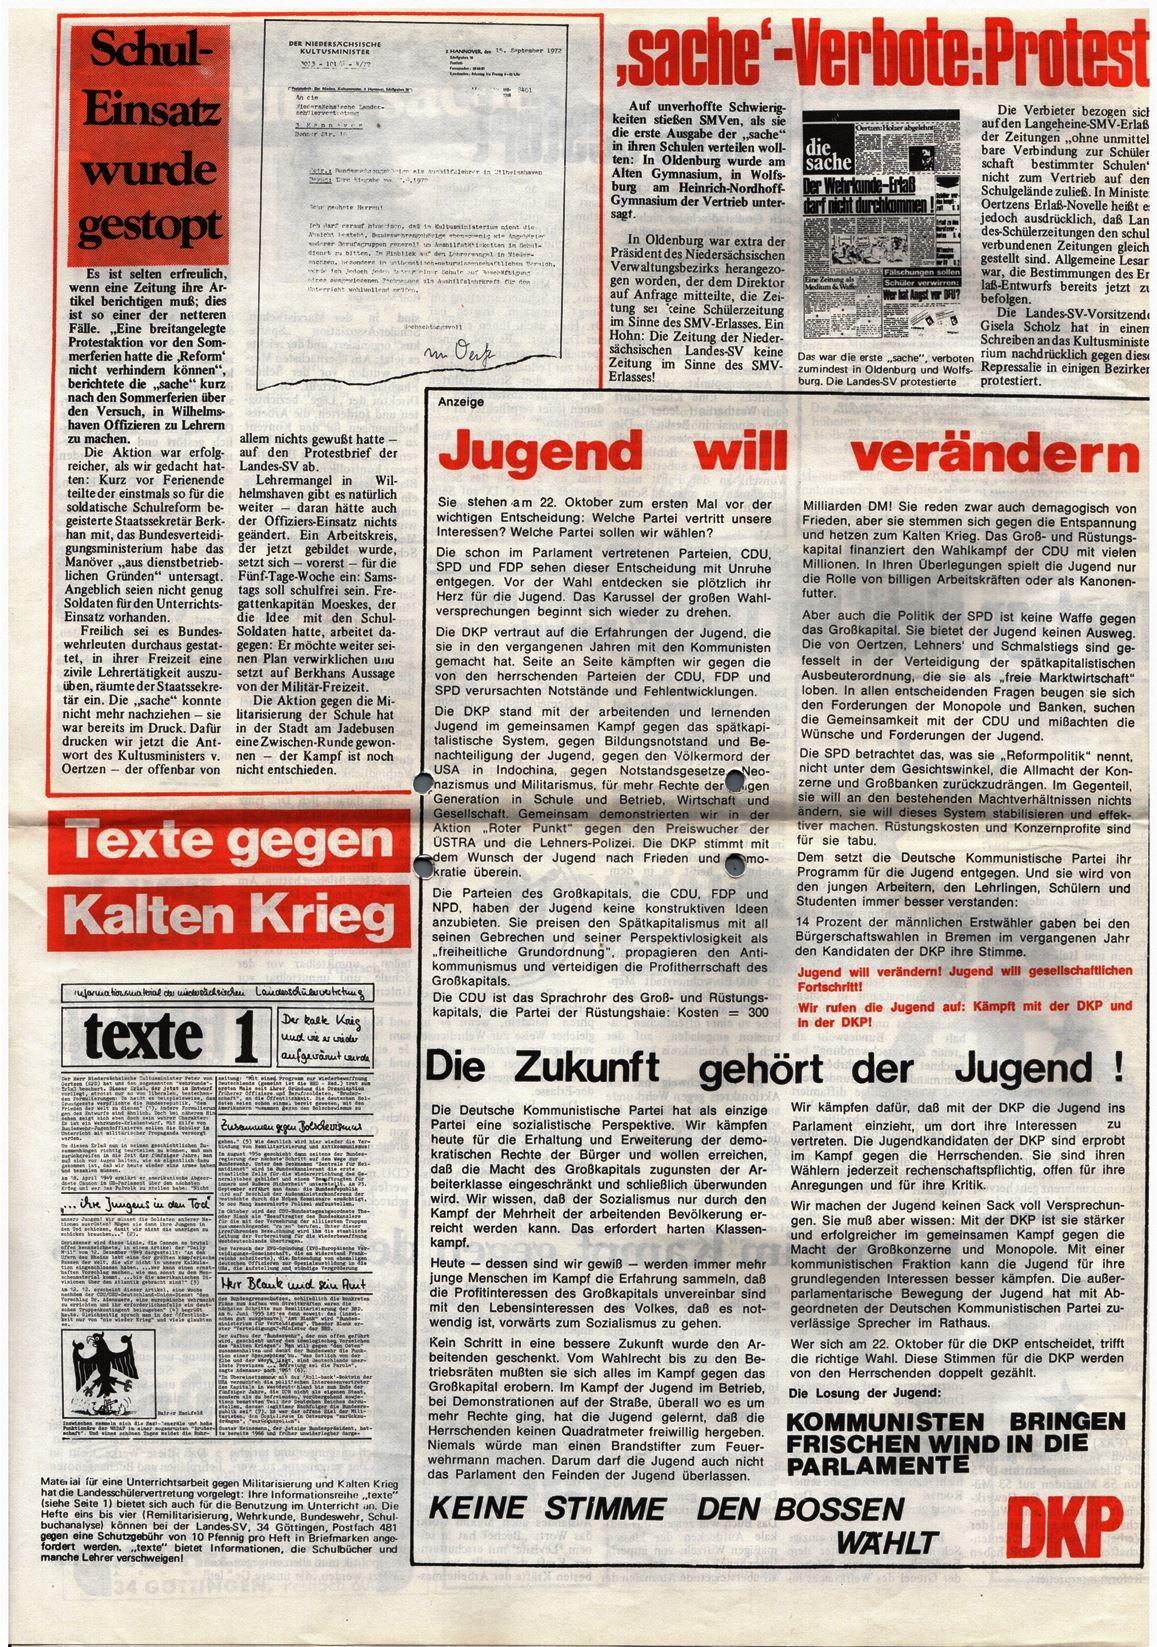 Niedersachsen_Jugend039